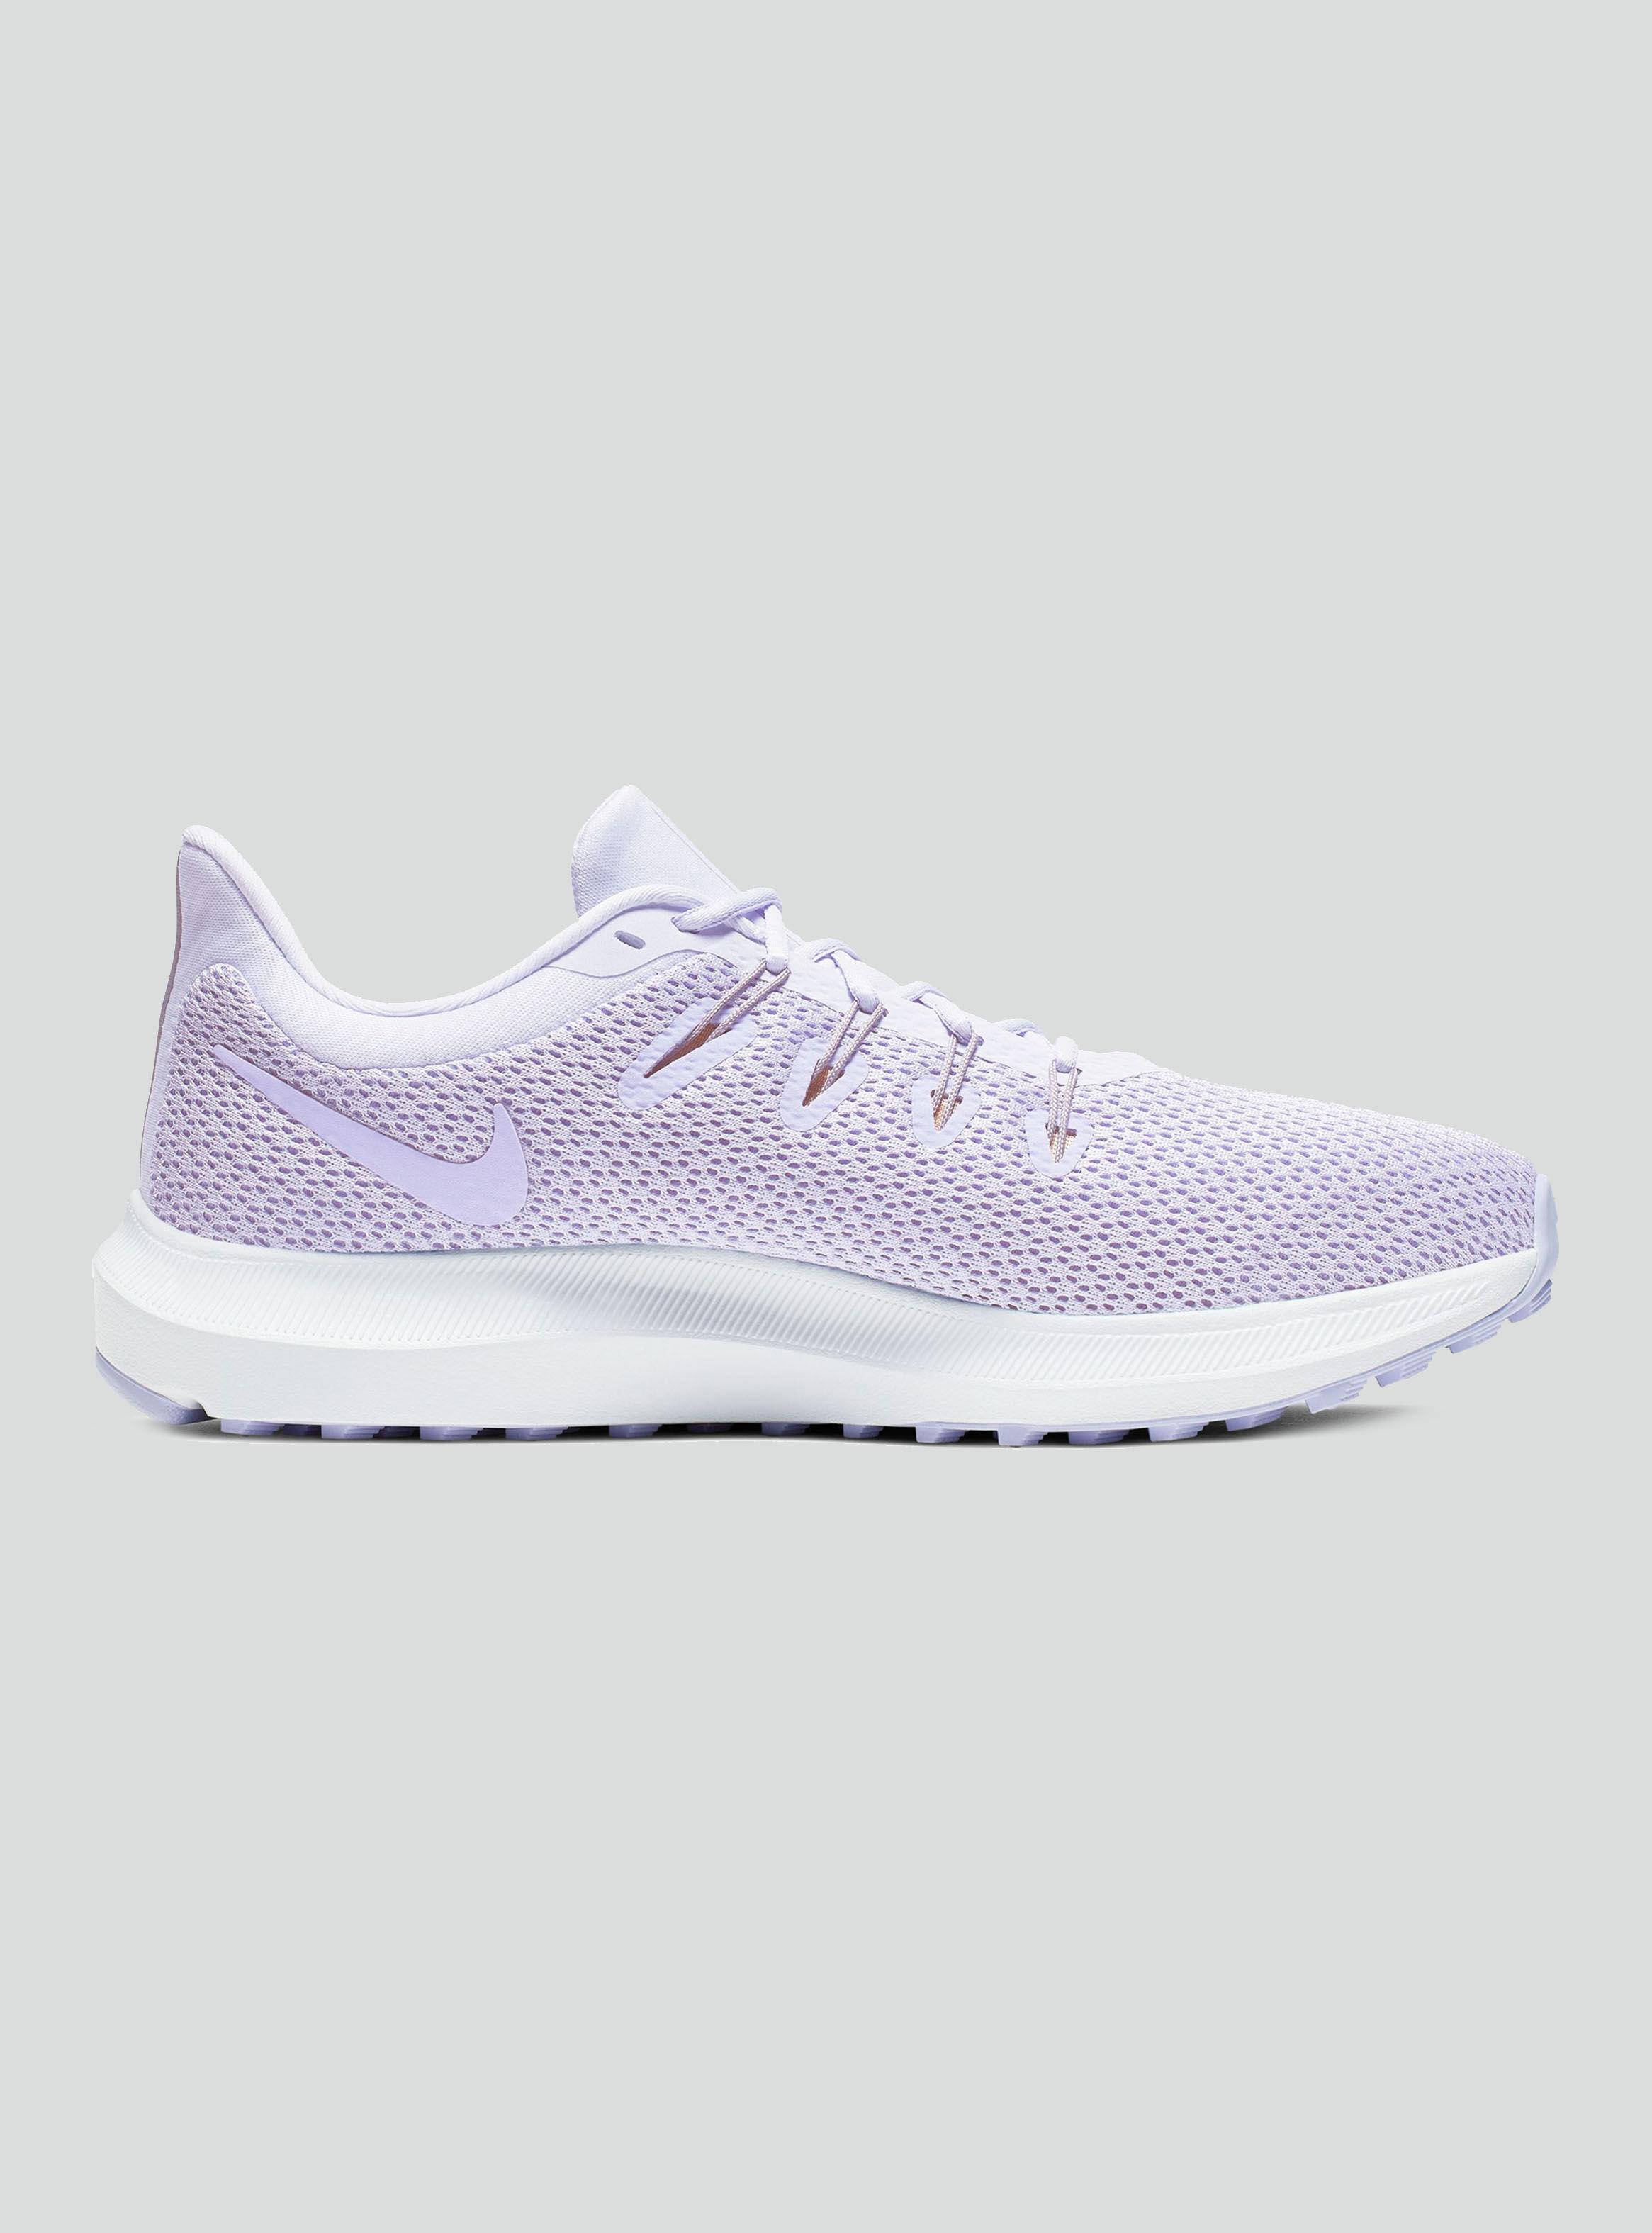 Zapatillas Nike Quest Azul y Blanco